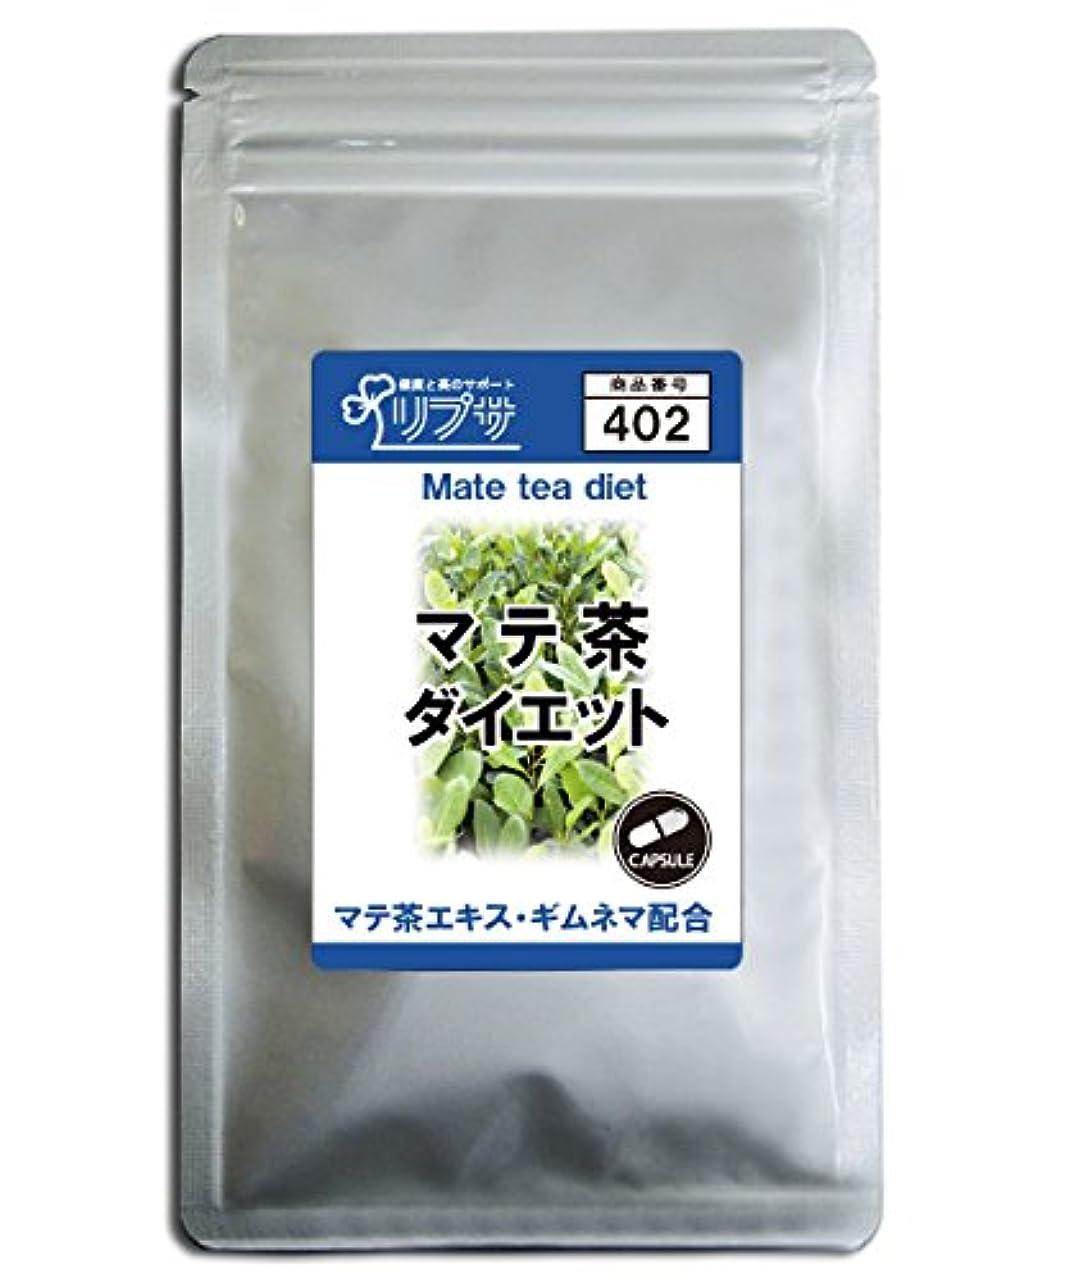 発行するアミューズお手伝いさんマテ茶ダイエット 約3か月分 C-402